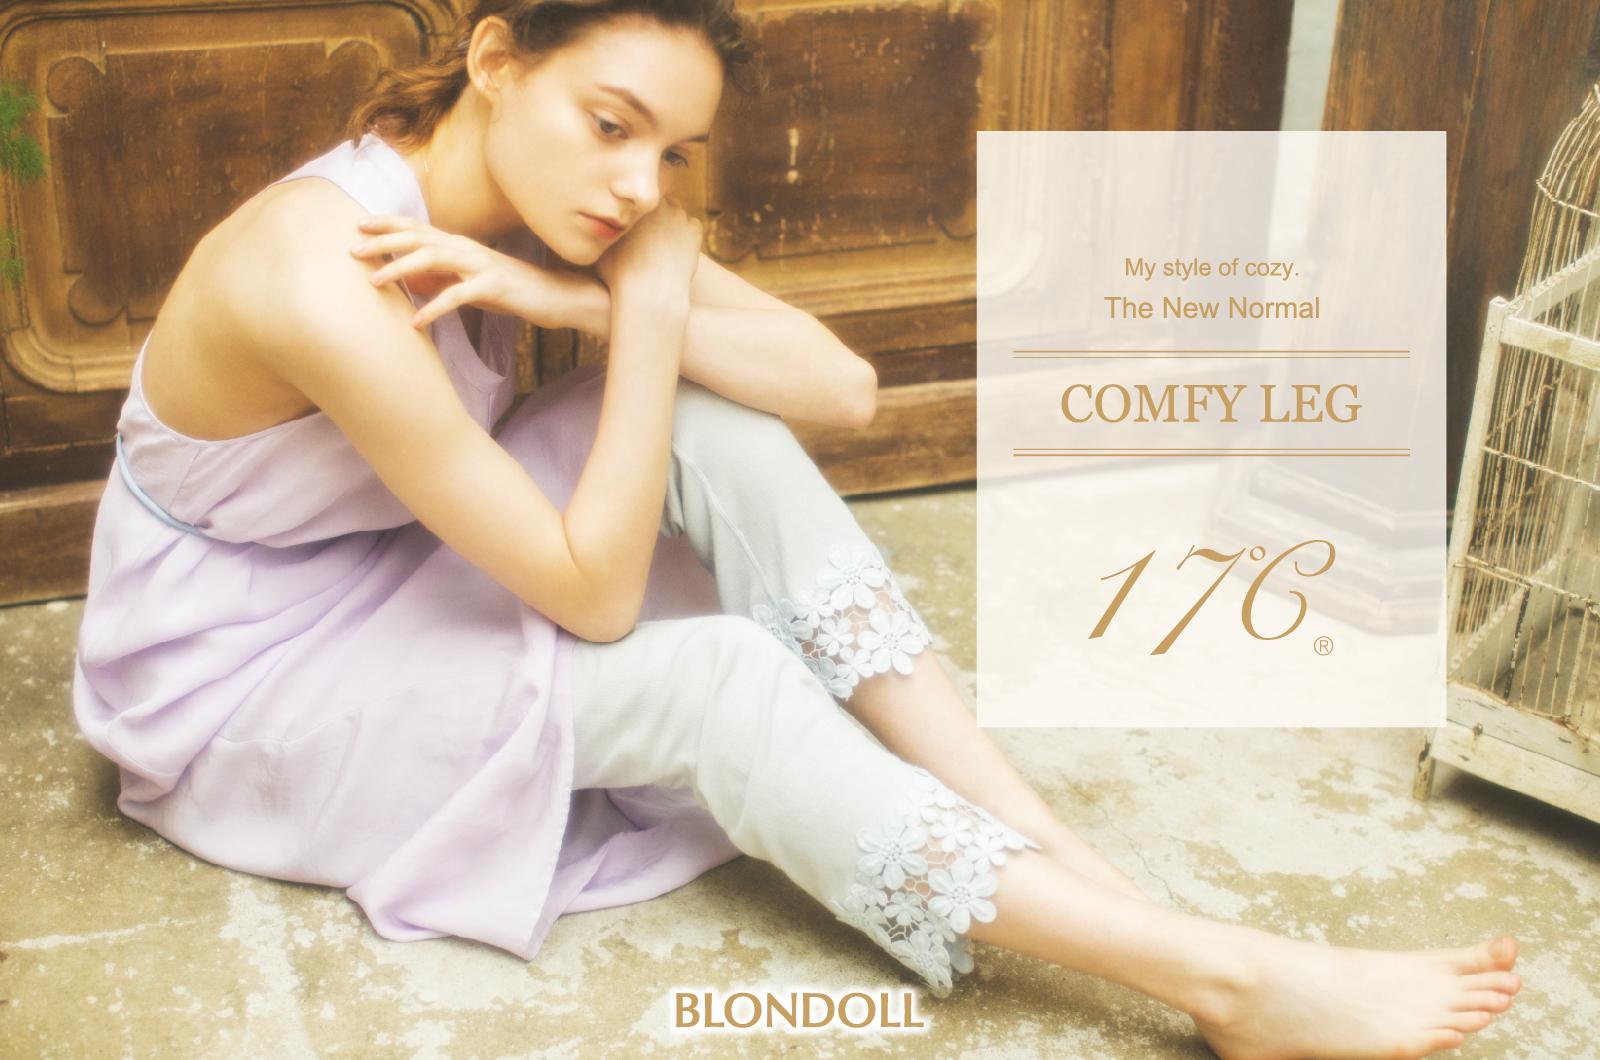 COMFY LEG コンフィレッグ-家でも外でもメイクをするように美しく- イメージ画像